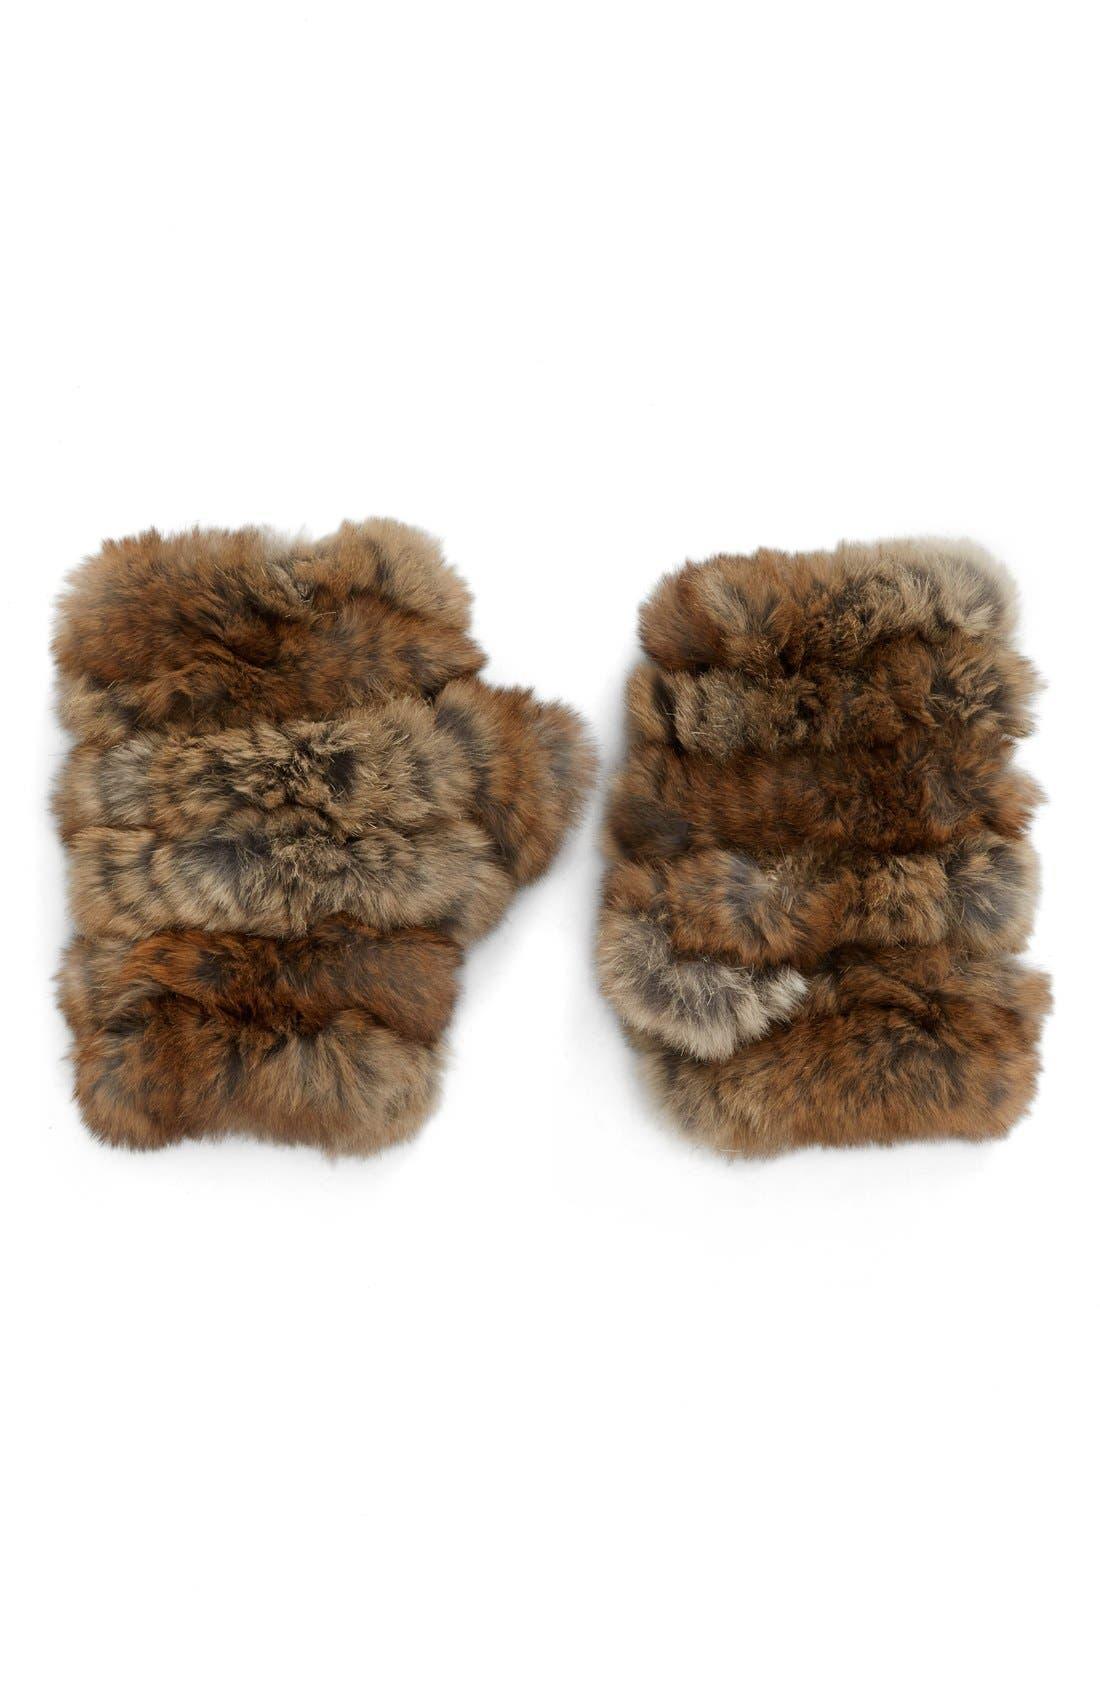 Alternate Image 1 Selected - Jocelyn Genuine Rabbit Fur Fingerless Mittens